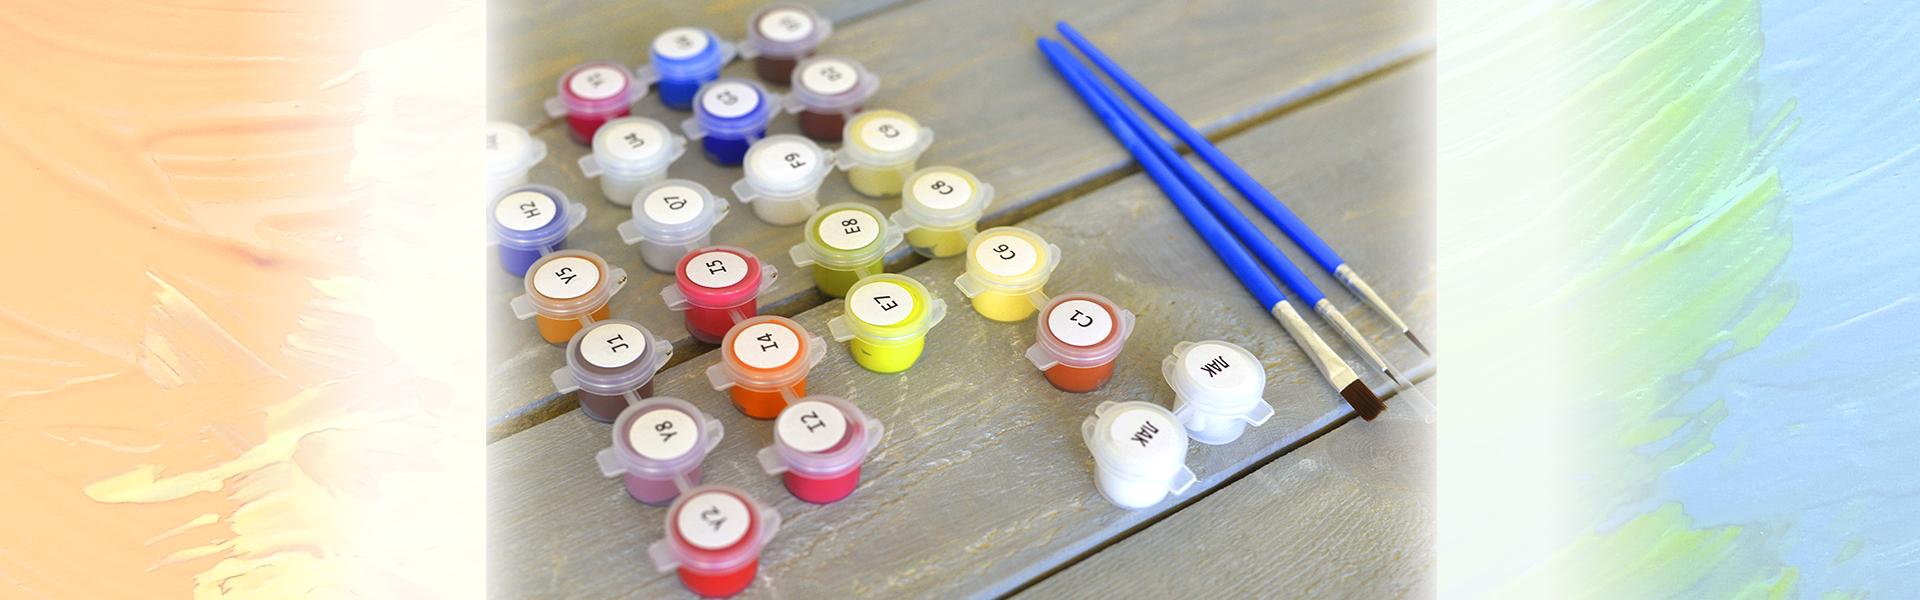 Используем только качественные материалы и краски